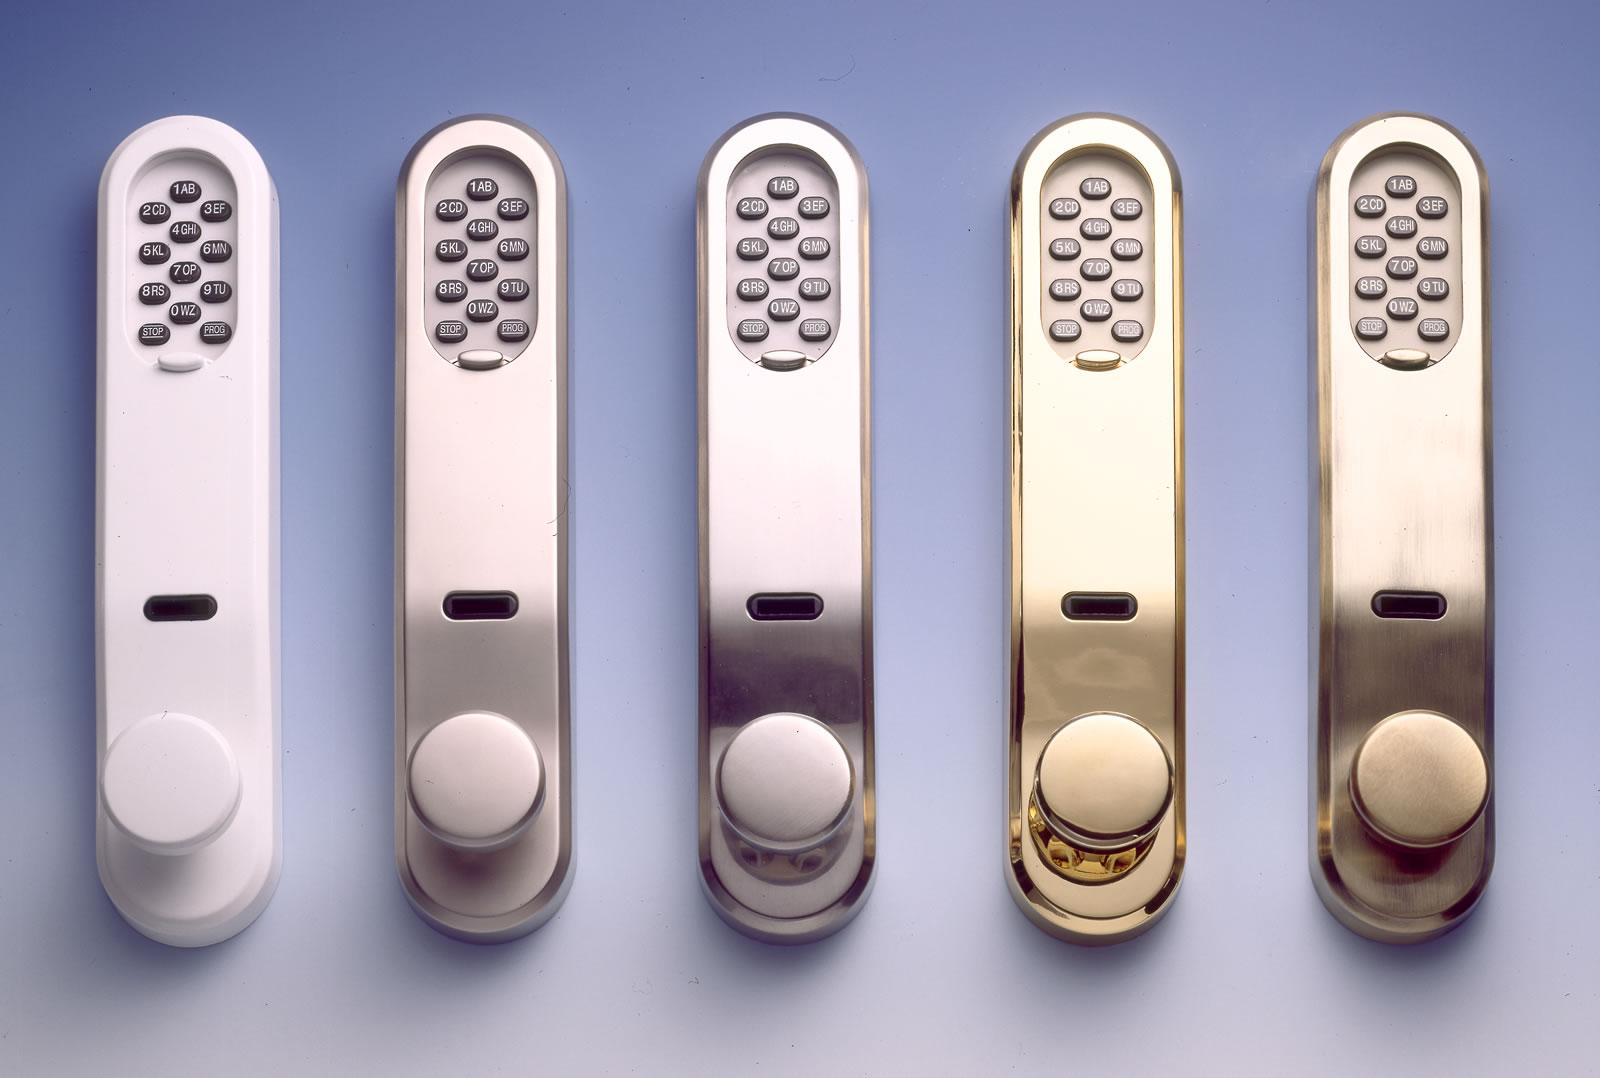 Schön Codeschloss von Seccor mit Chipschlüssel bedienbar KS33